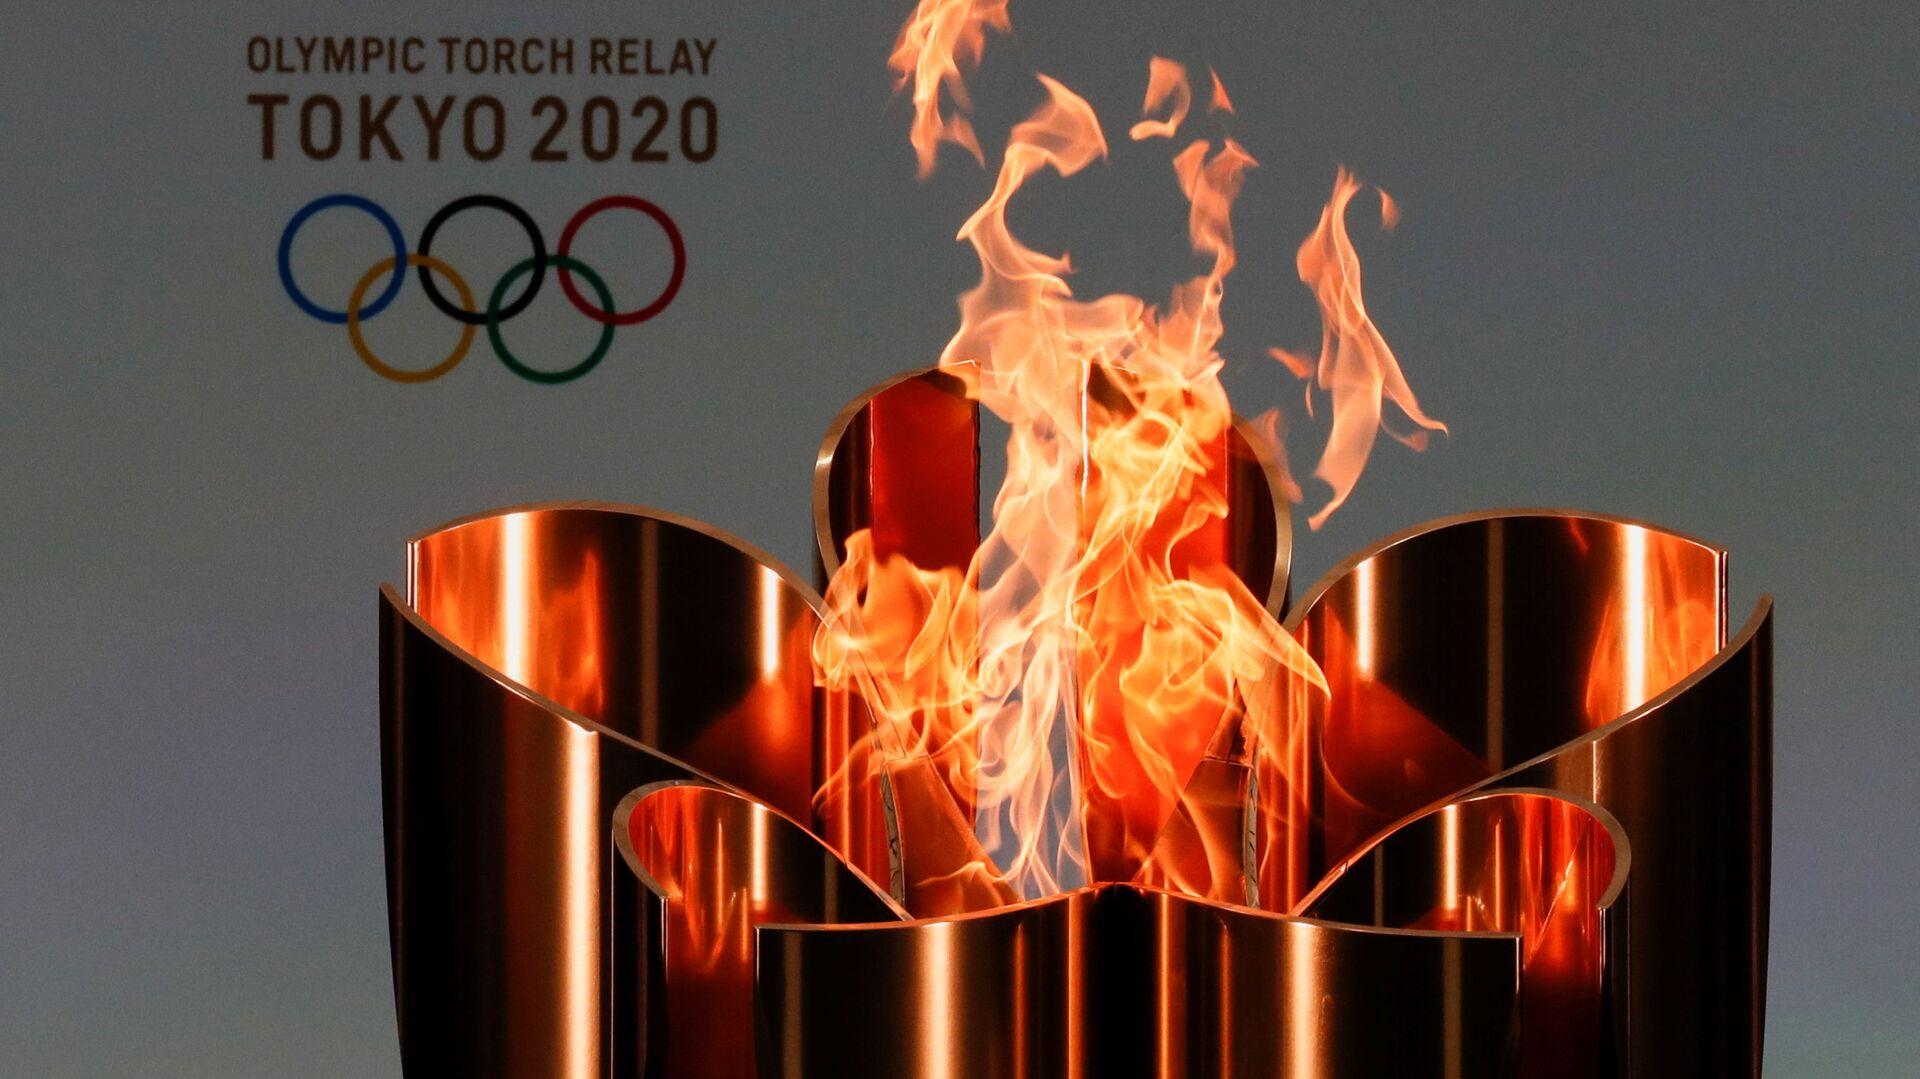 Олимпийский огонь во время эстафеты Олимпийского огня в Токио-2020 в префектуре Фукусима, Япония - Sputnik Italia, 1920, 29.06.2021